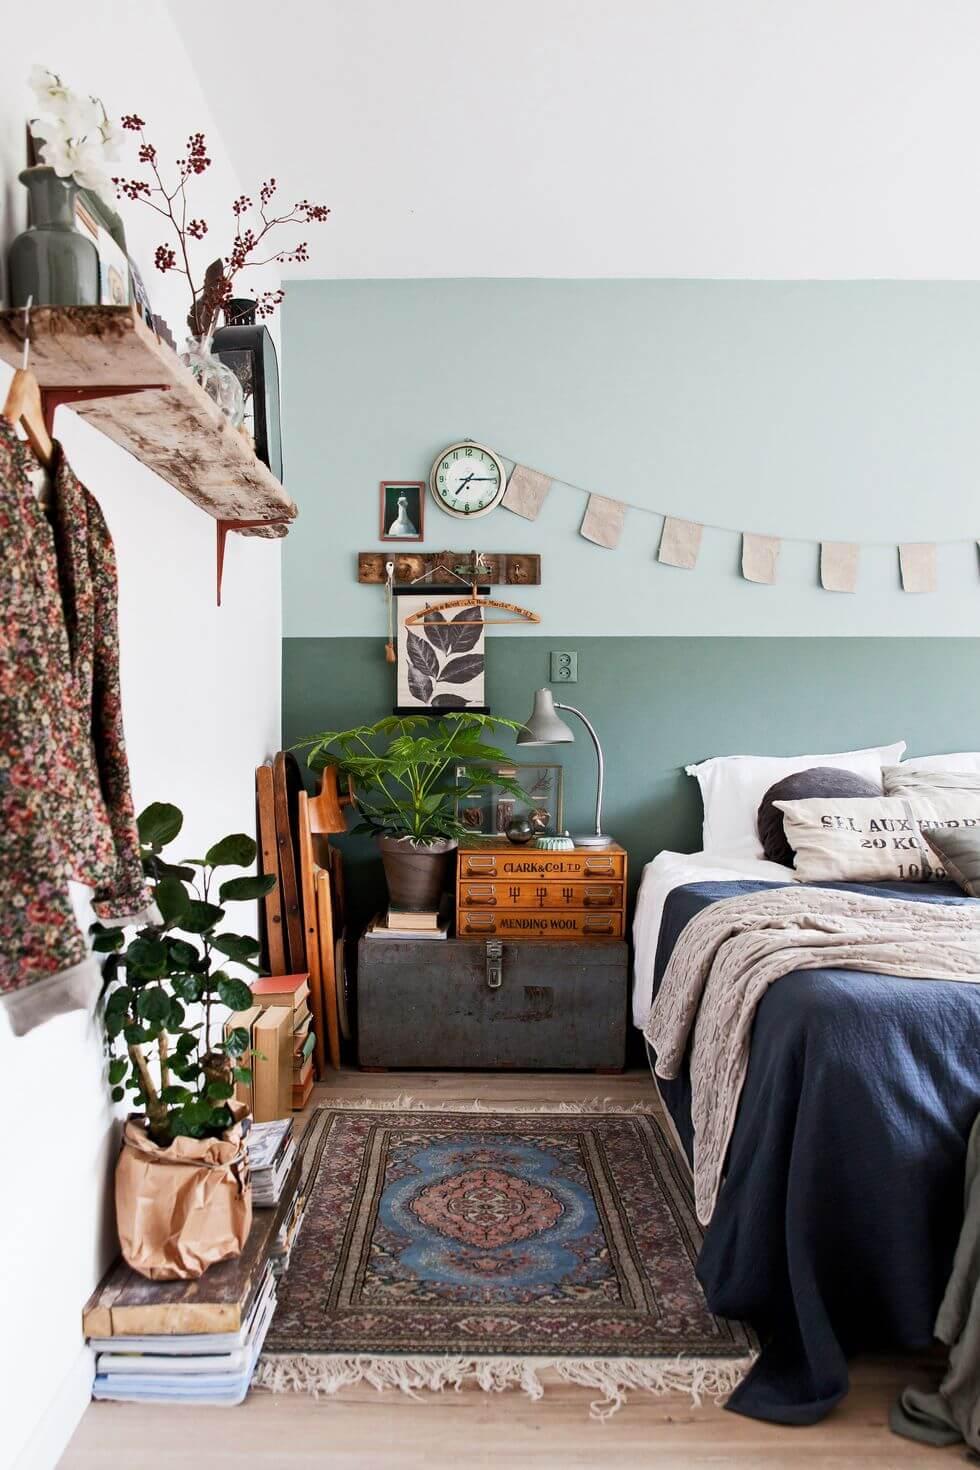 chambre vintage avec decoration dinpiration brocante et literie en lin - Comment choisir une literie de qualité pour la chambre ?